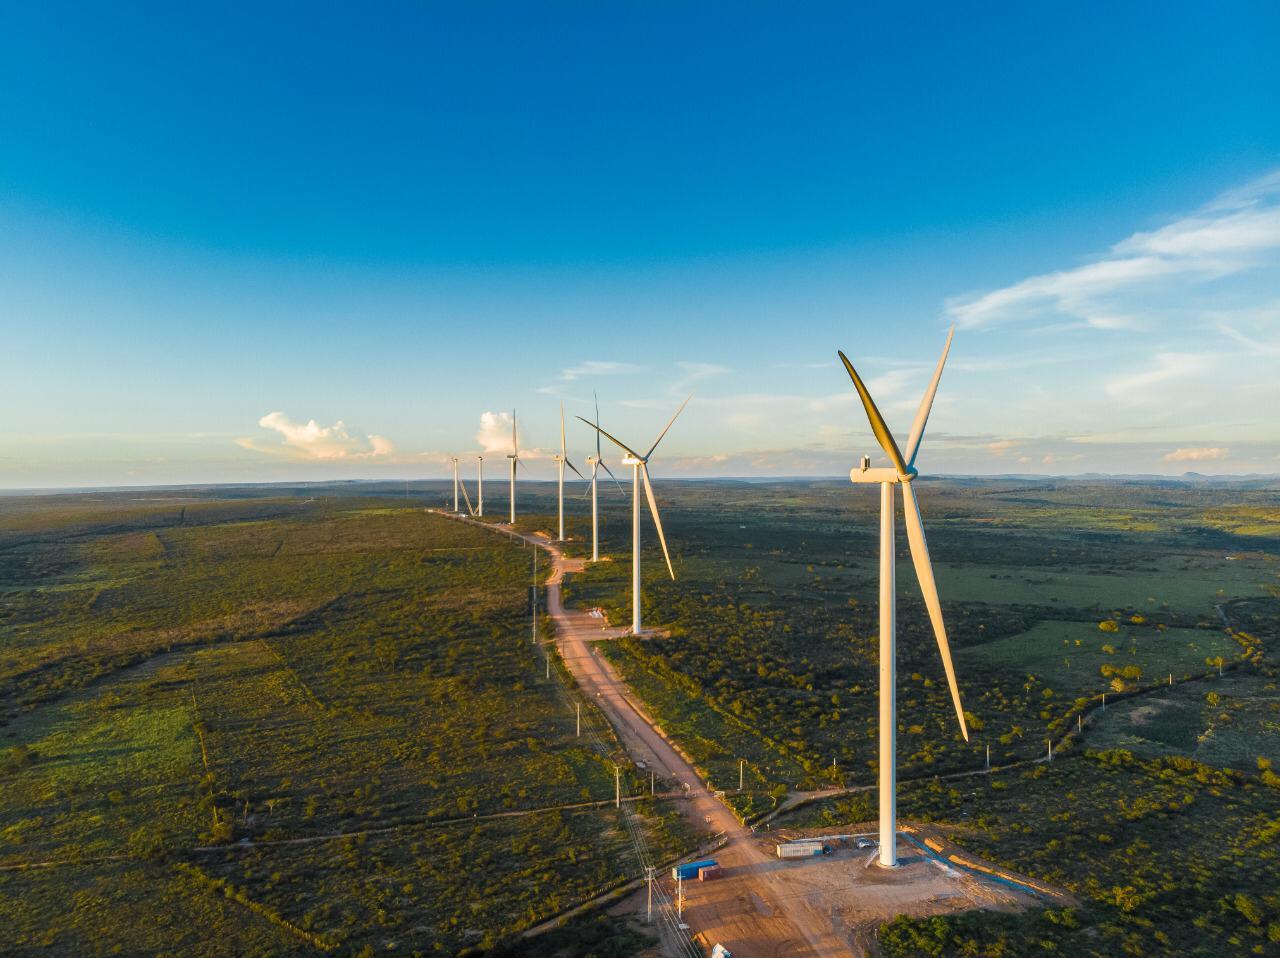 Parque eólico Folha Larga Sul - Casa dos Ventos - Bahia